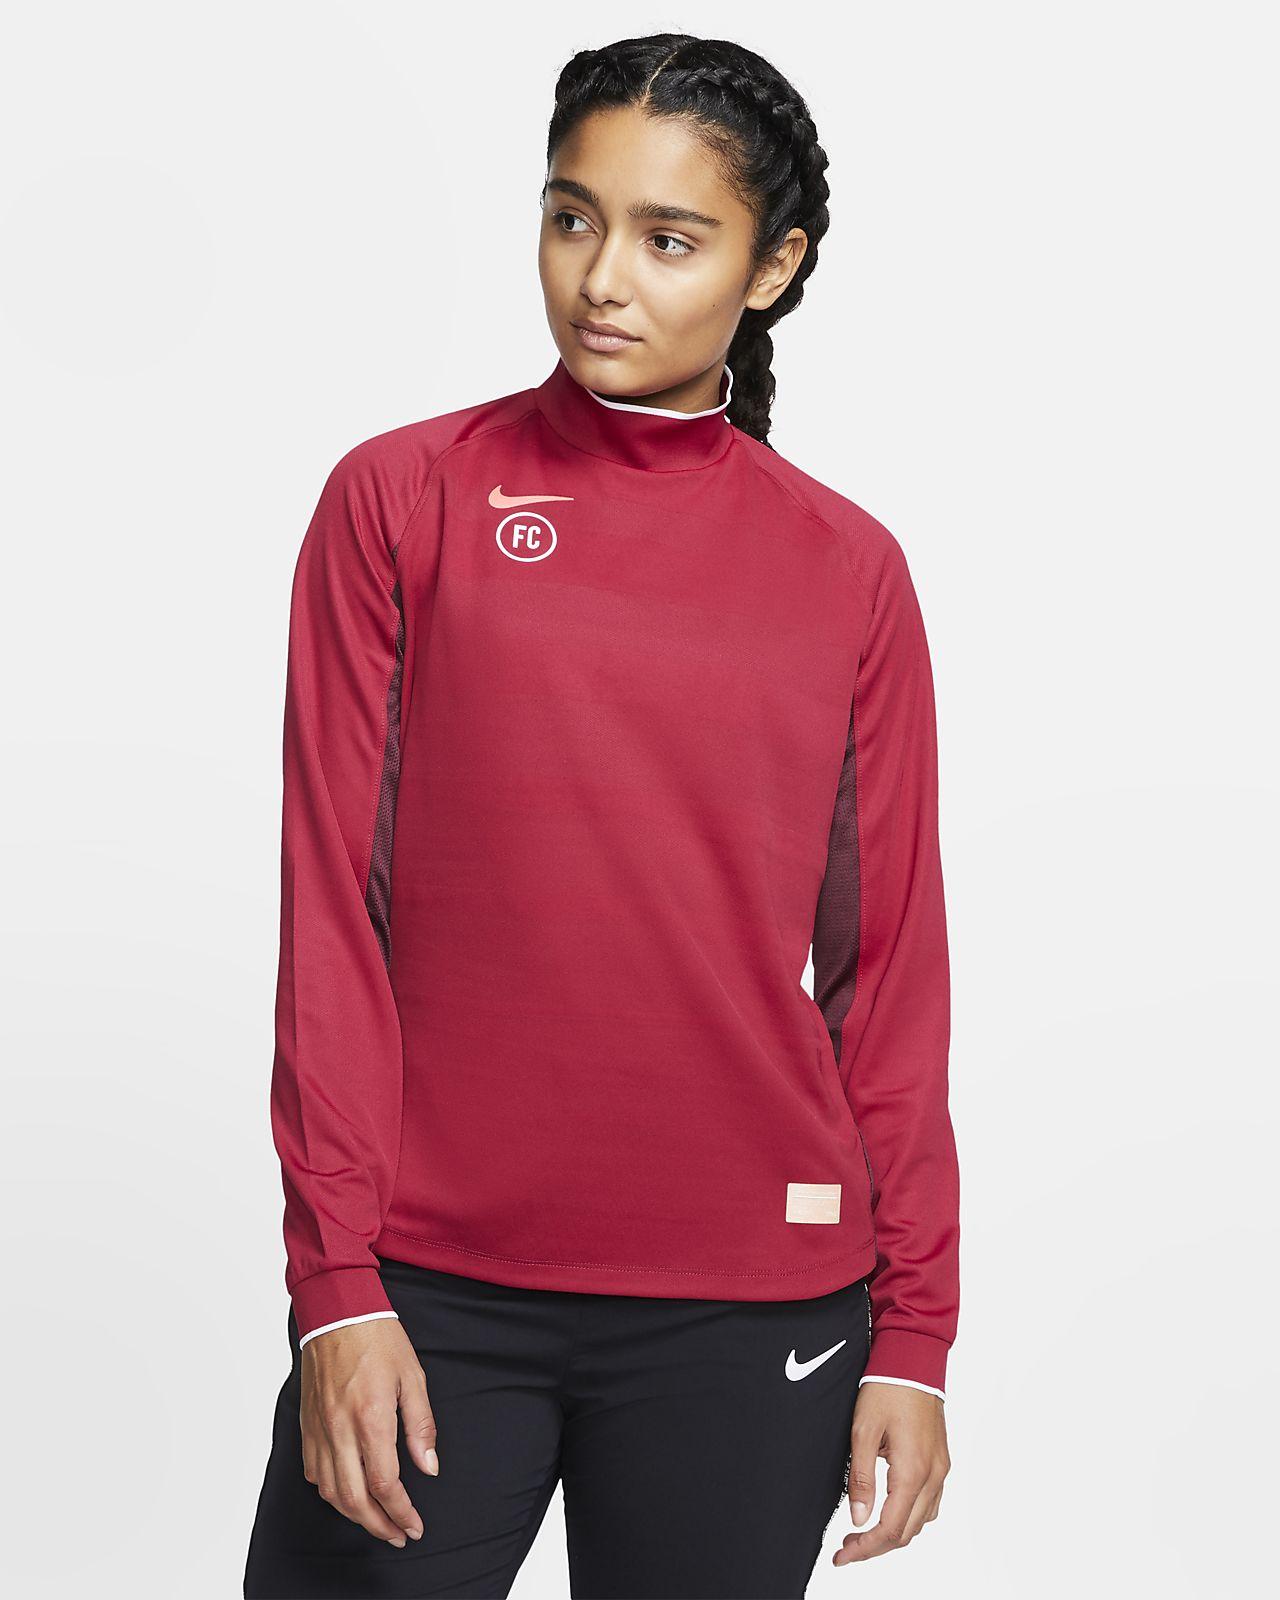 Γυναικεία μακρυμάνικη ποδοσφαιρική φανέλα Nike F.C.